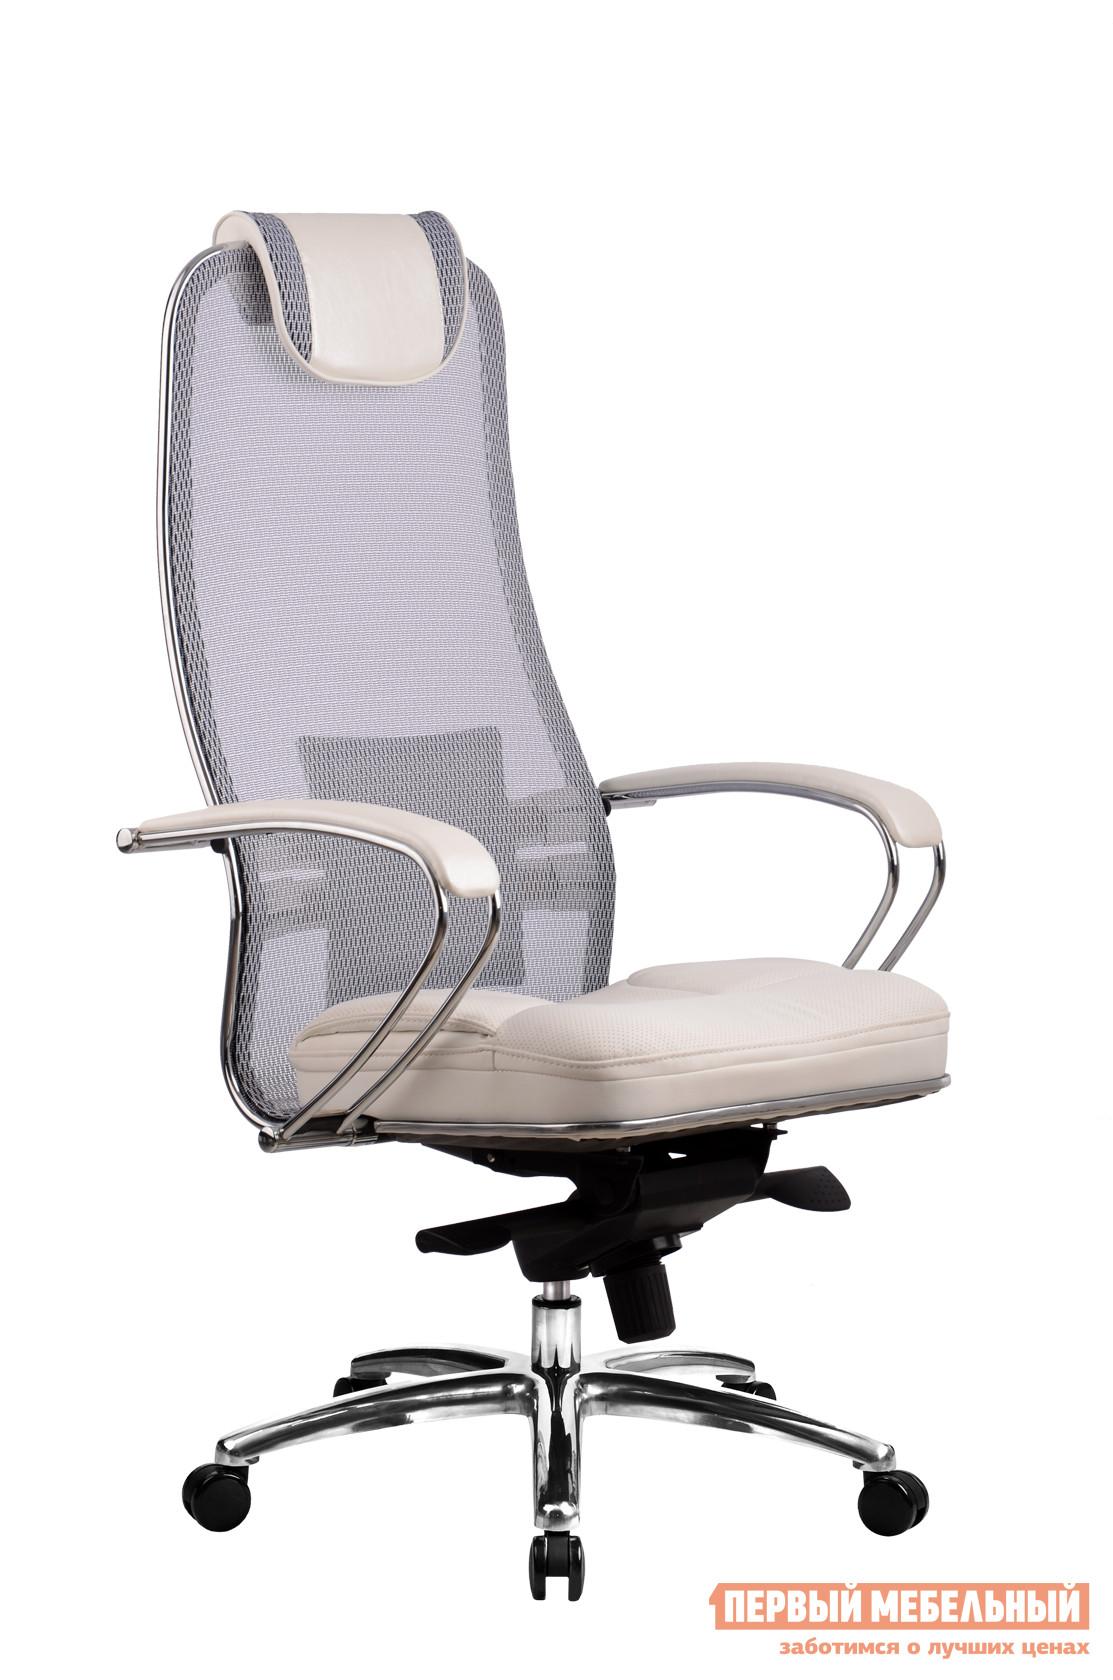 Кресло руководителя Метта Samurai SL-1.02 кресло компьютерное метта samurai sl 2